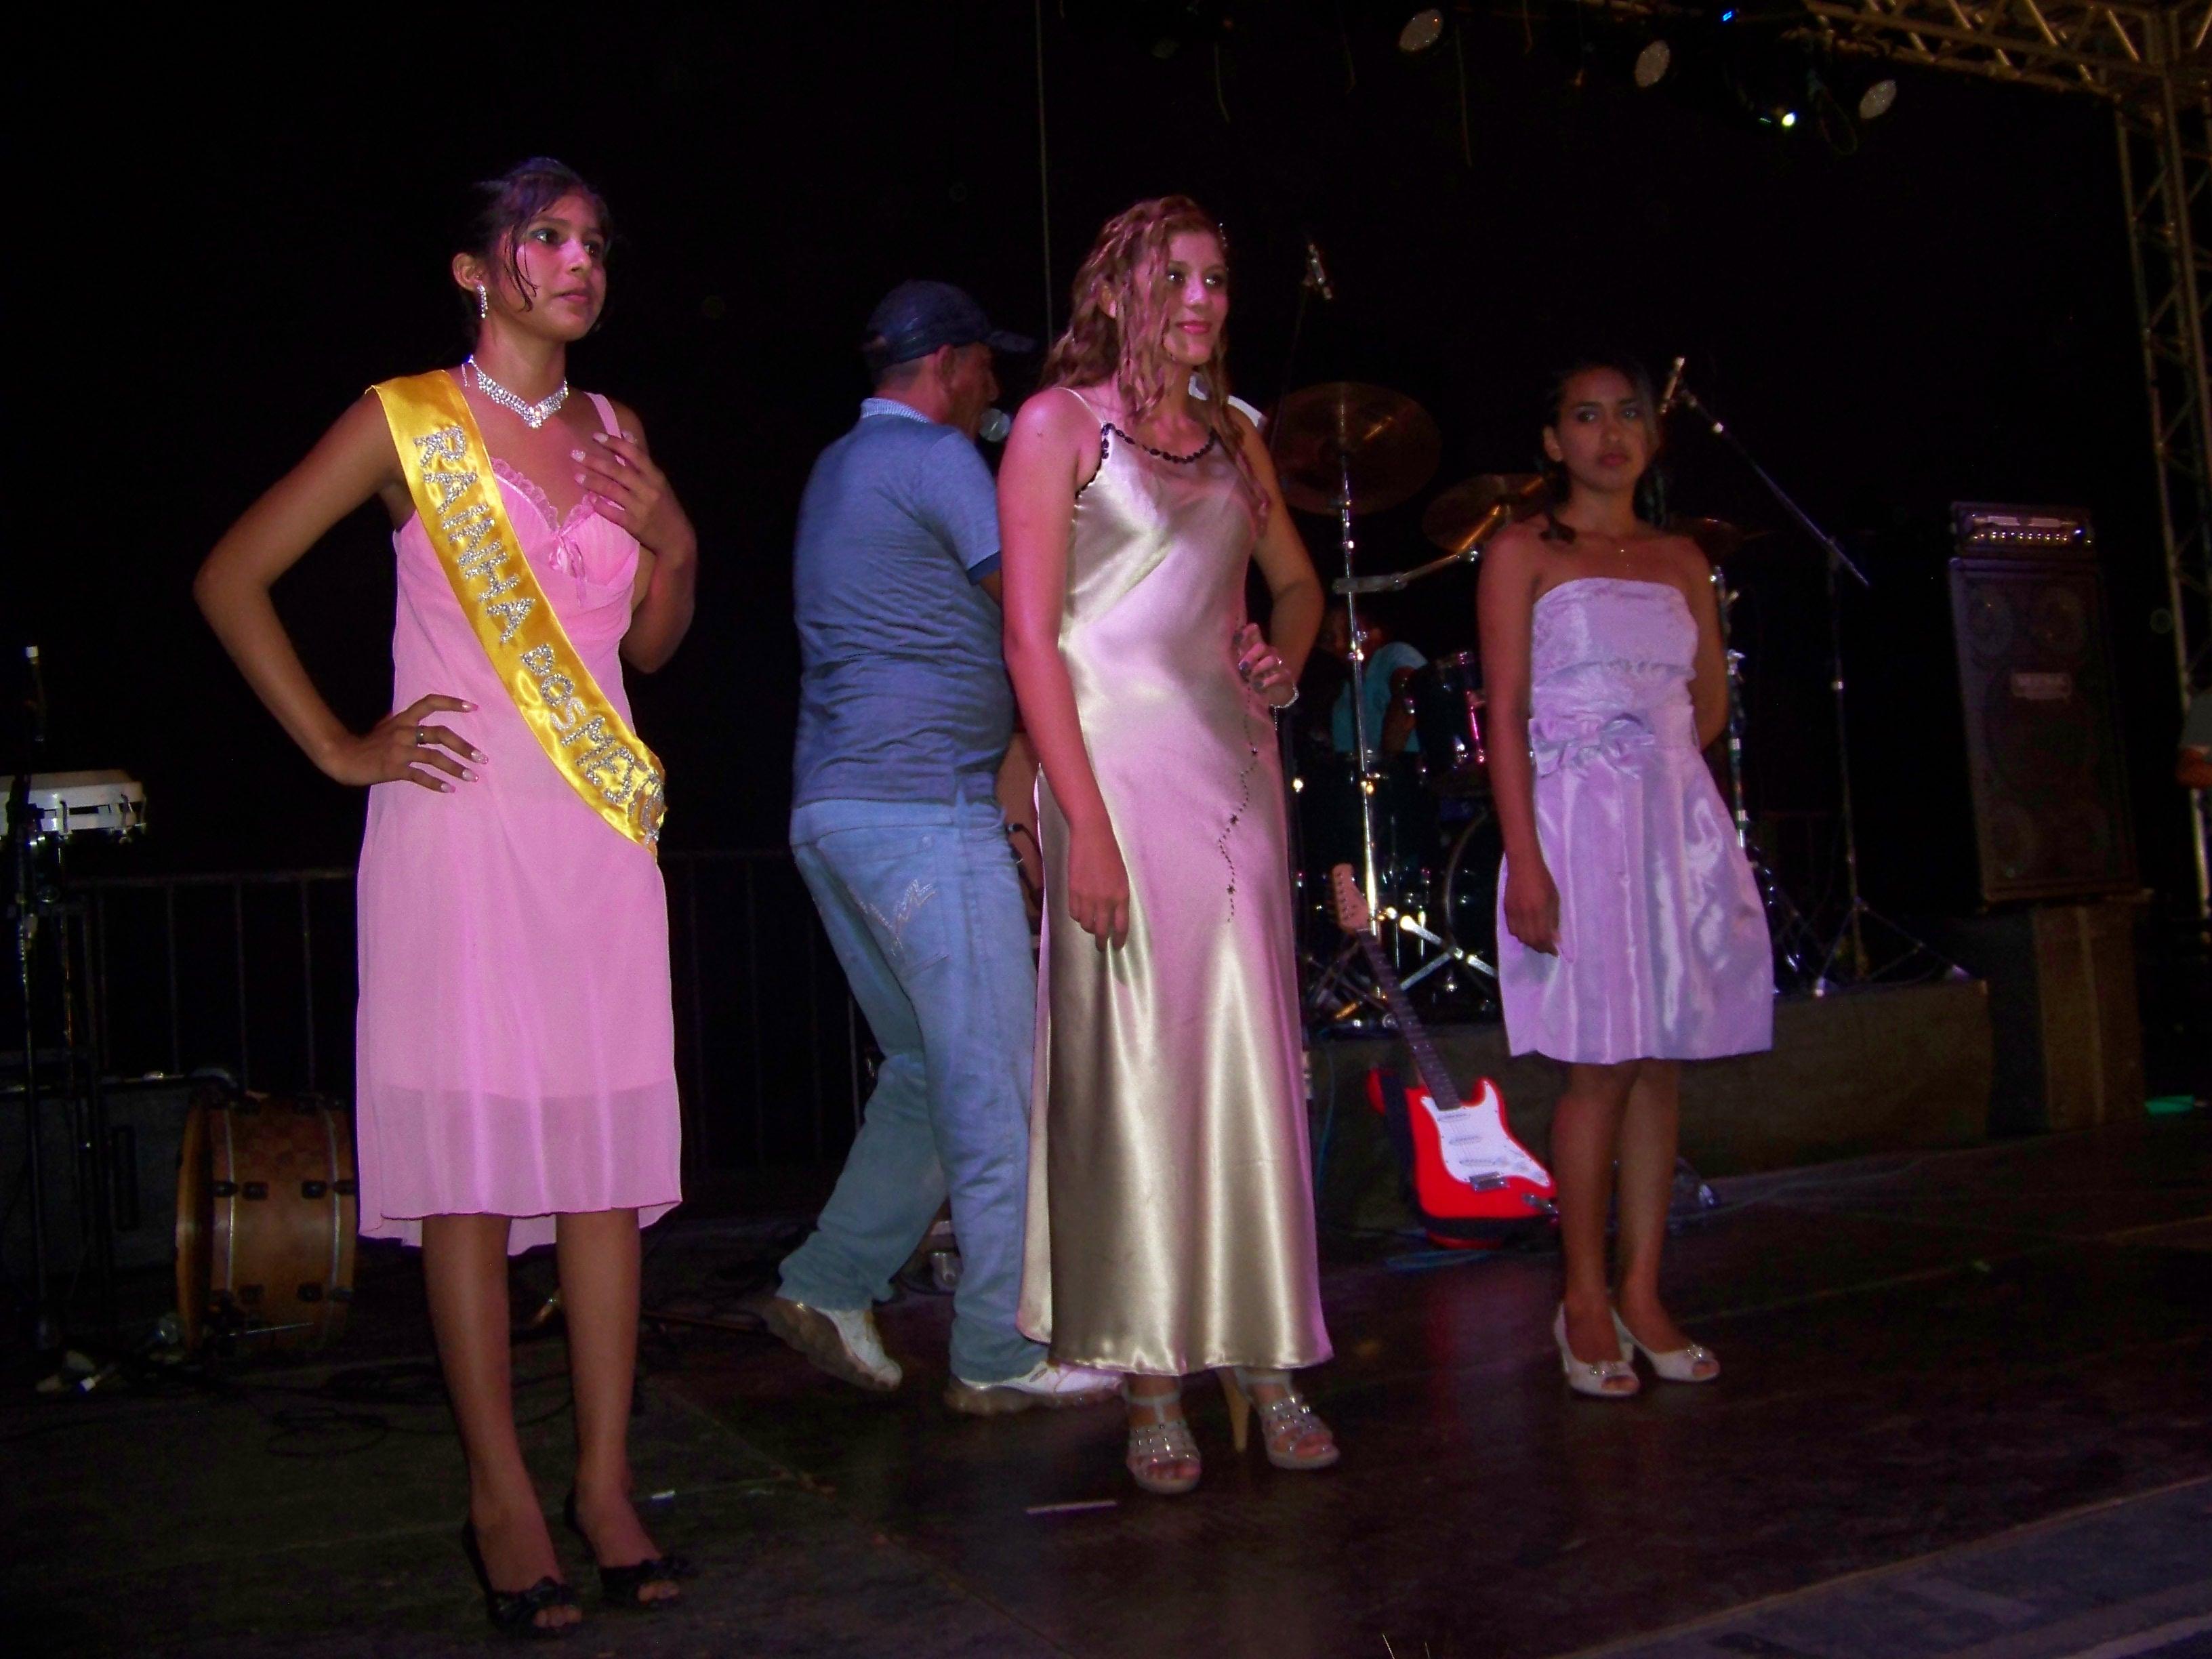 Festa do Mestiço - comemoração do feriado do Dia do Mestiço em Autazes (AM) 27 06 2012 - Concurso Rainha Mestiça